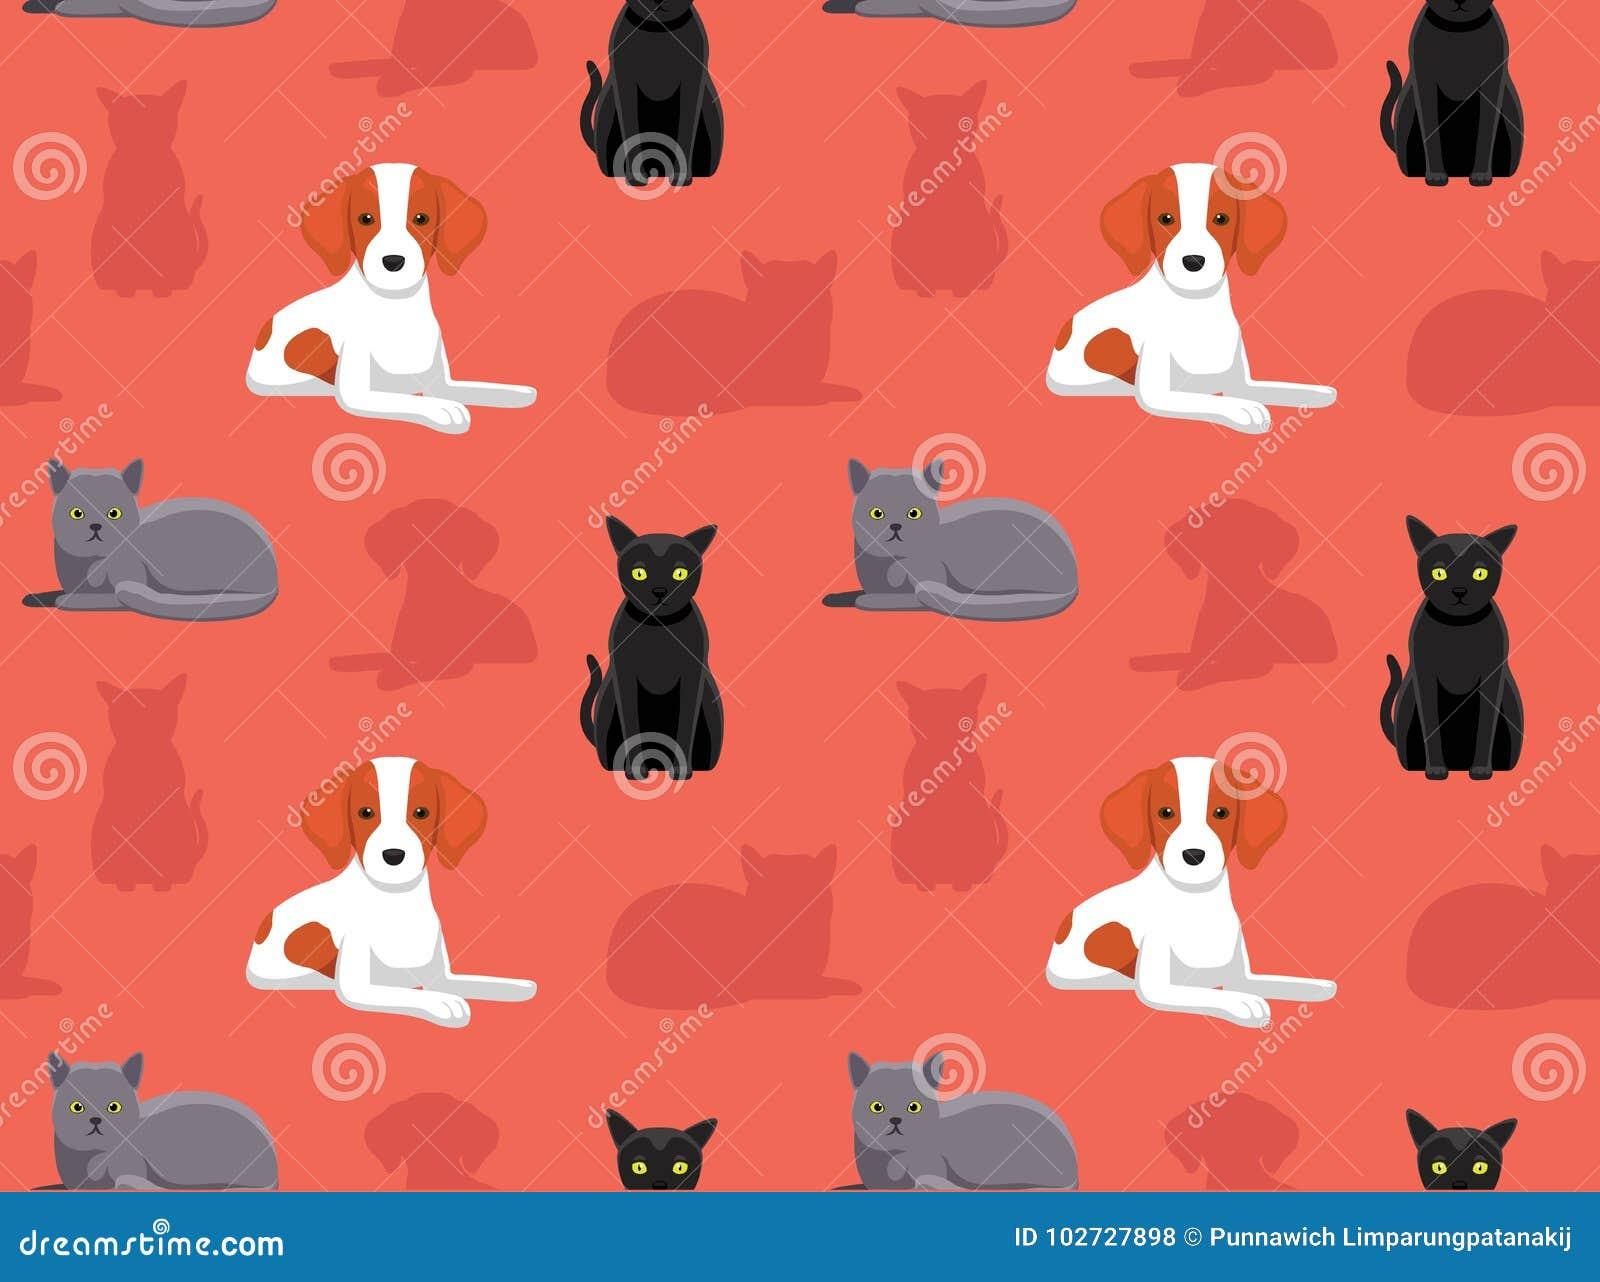 Dog Cat Wallpaper 6